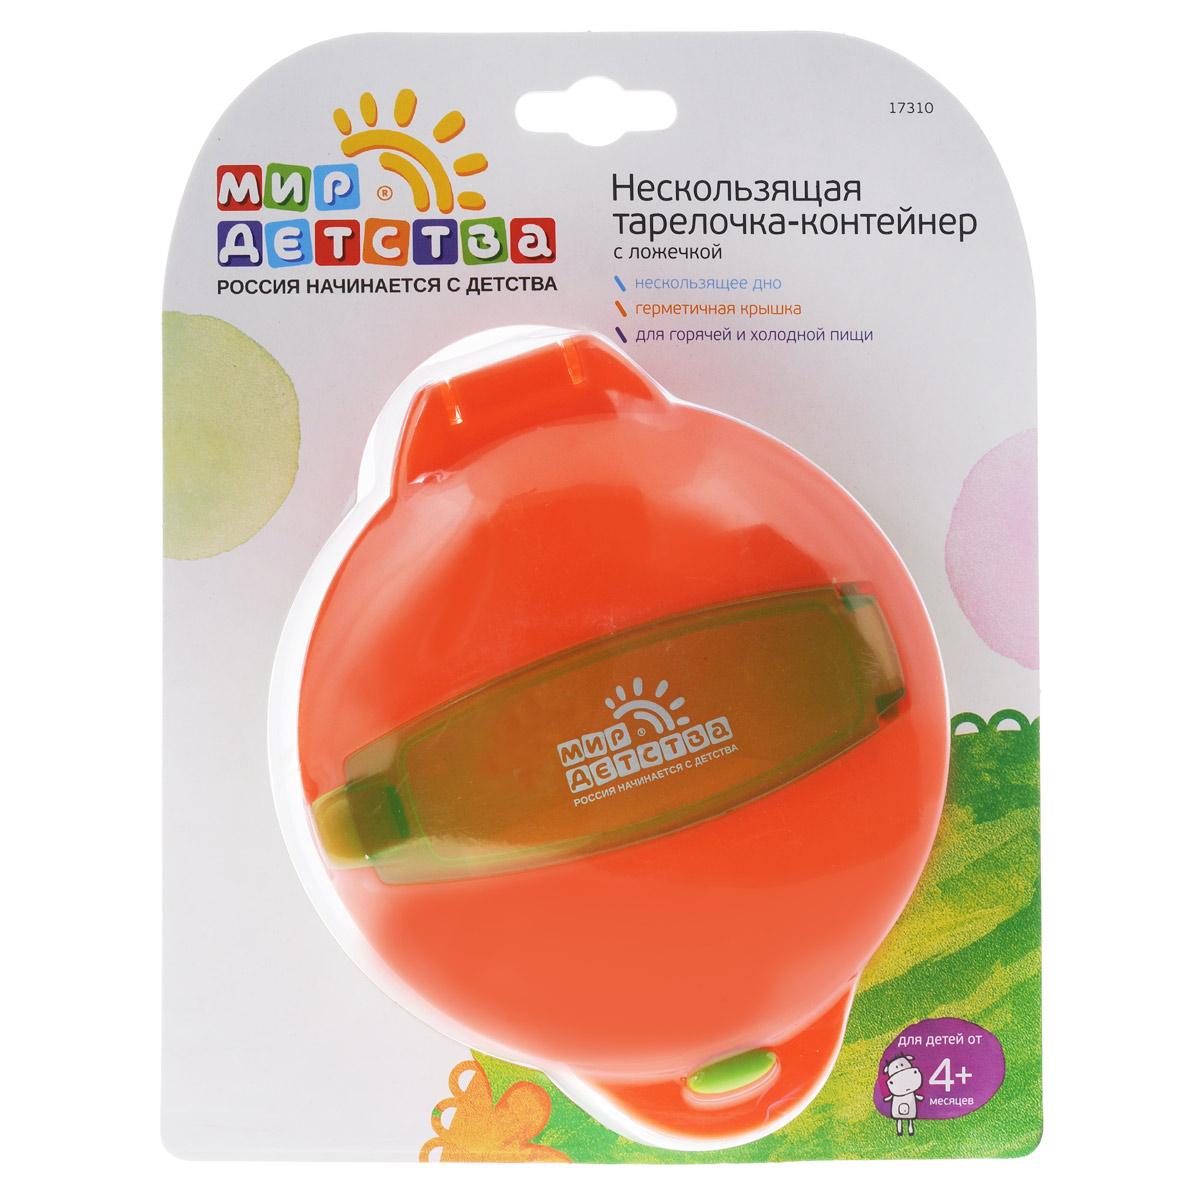 """Фото Тарелочка-контейнер с ложечкой """"Мир детства"""", от 4 месяцев, цвет: оранжевый, зеленый. Купить  в РФ"""